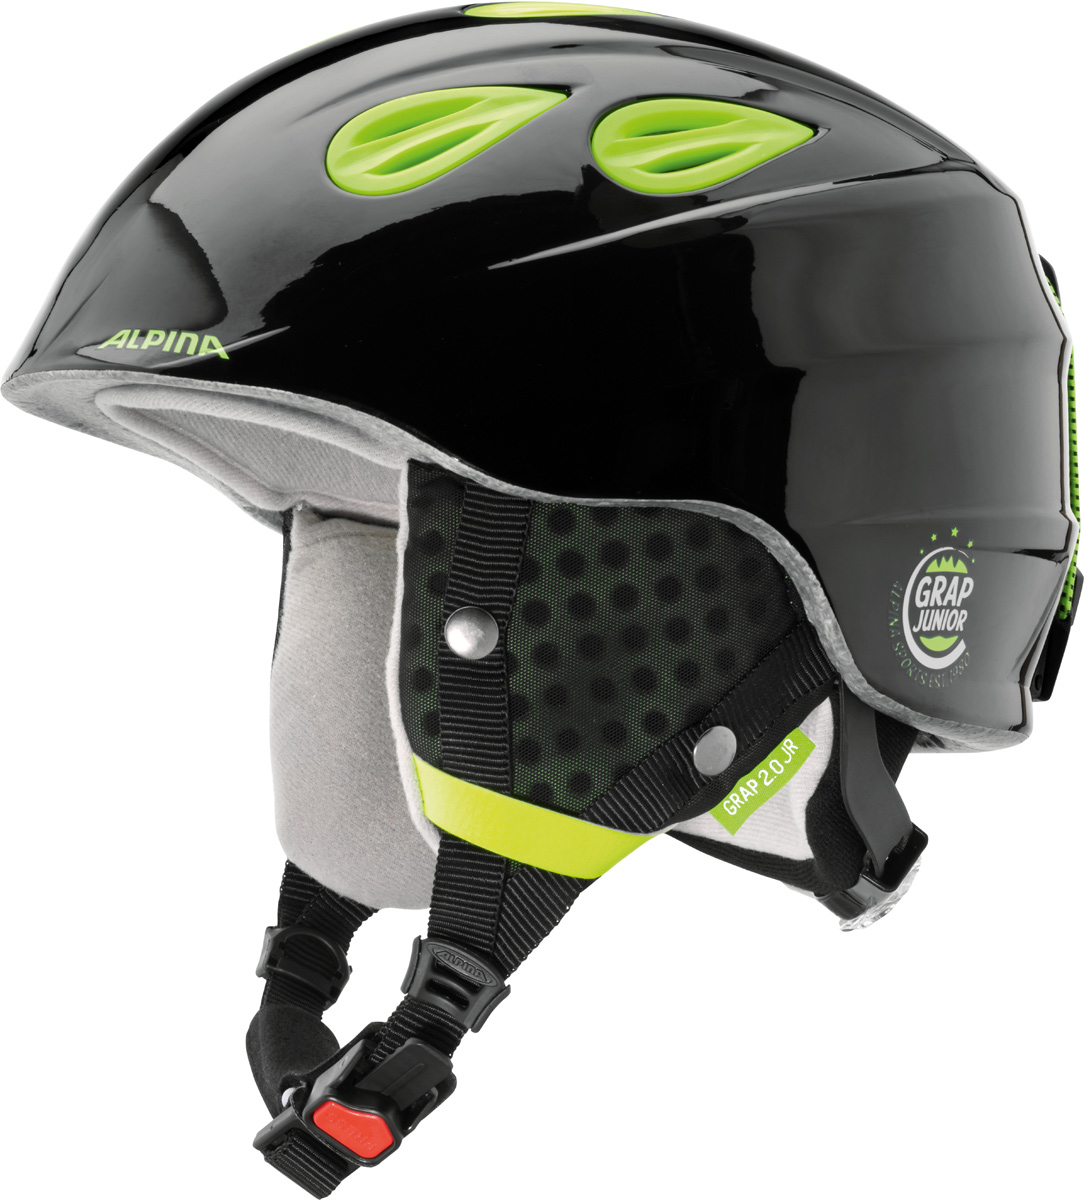 Шлем горнолыжный Alpina Grap 2.0 JR, цвет: черный, желтый. A9086_35. Размер 51-54A9086_35Детская версия популярнейшего шлема Alpina Grap 2.0, сохранившая все технические преимущества взрослой модели.Технологии:Конструкция In-Mold - соединение внутреннего слоя из EPS (вспененного полистирола) с внешним покрытием под большим давлением в условиях высокой температуры. В результате внешняя поликарбонатная оболочка сохраняет форму конструкции, предотвращая поломку и попадание осколков внутрь шлема, а внутренний слой Hi-EPS, состоящий из множества наполненных воздухом гранул, амортизирует ударную волну, защищая голову райдера от повреждений.Внешнее покрытие Ceramic Shell обеспечивает повышенную ударопрочность и износостойкость, а также обладает защитой от УФ-излучений, препятствующей выгоранию на солнце, и антистатичными свойствами.Съемный внутренний тканевый слой. Подкладку можно постирать и легко вставить обратно. Своевременный уход за внутренником предотвращает появление неприятного запаха.Вентиляционная система с раздвижным механизмом с возможностью регулировки интенсивности потока воздуха.Классическая система регулировки в шлемах Alpina Run System с регулировочным кольцом на затылке позволяет быстро и легко подобрать оптимальную и комфортную плотность посадки на голове.Съемные ушки согревают в холодную погоду, а в теплую компактно хранятся в кармане куртки.Шейный воротник из микрофлиса в задней части шлема быстро согревает и не давит на шею.Ремешок фиксируется кнопкой с запирающим механизмом. Застежка максимально удобна для использования в перчатках.Система Edge Protect в конструкции шлема защищает голову горнолыжника при боковом ударе.Система Y-Clip гарантирует оптимальную посадку с миллиметровой точностью. Y-зажим соединяет два ремешка вместе и удобно фиксирует их под ухом.Съемные элементы позволяют использовать шлем всесезонно.